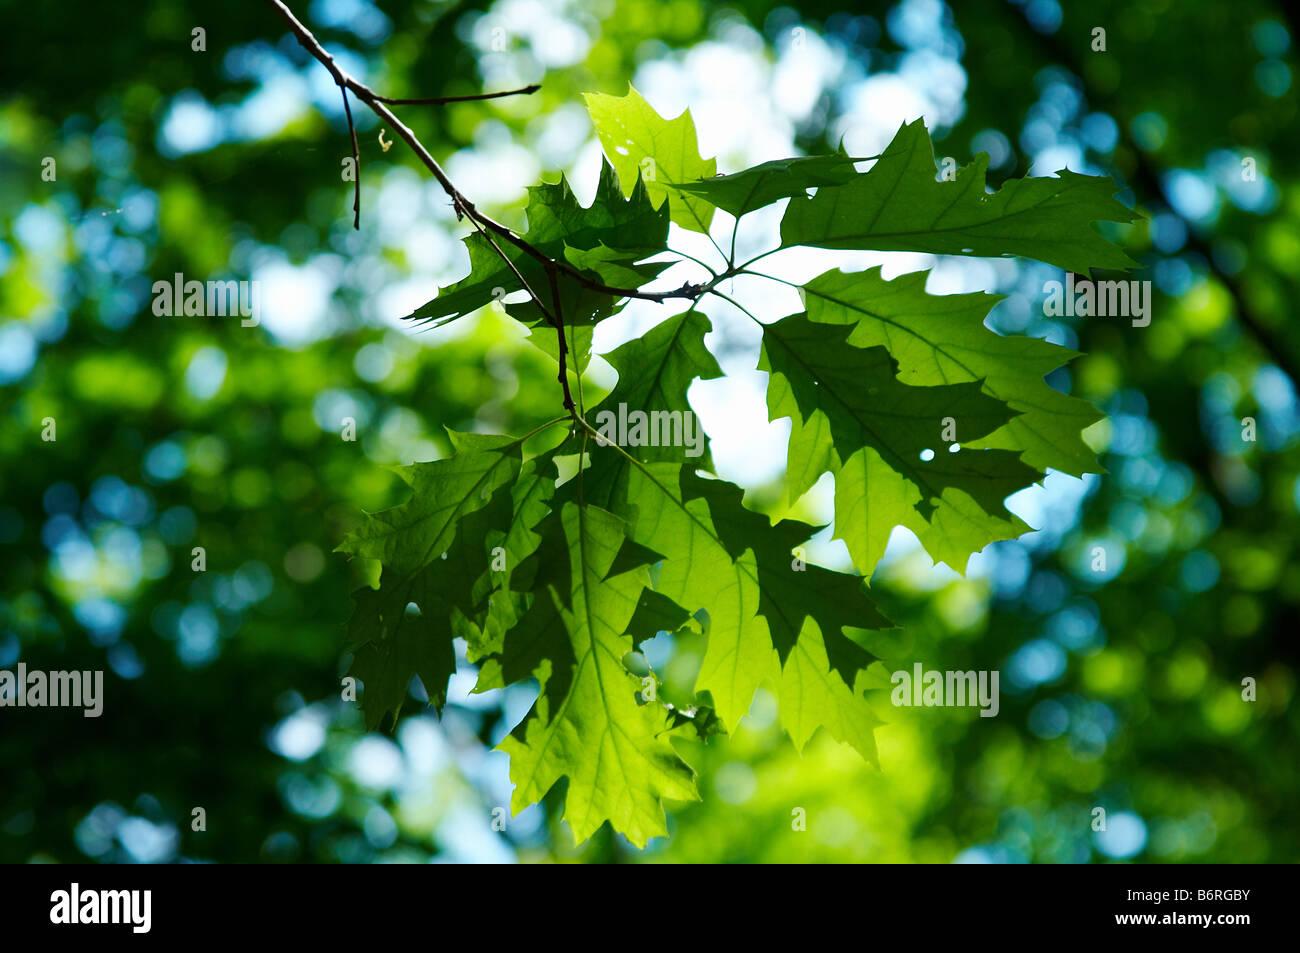 grüne Blätter von Ahorn am blauen Himmelshintergrund Stockbild